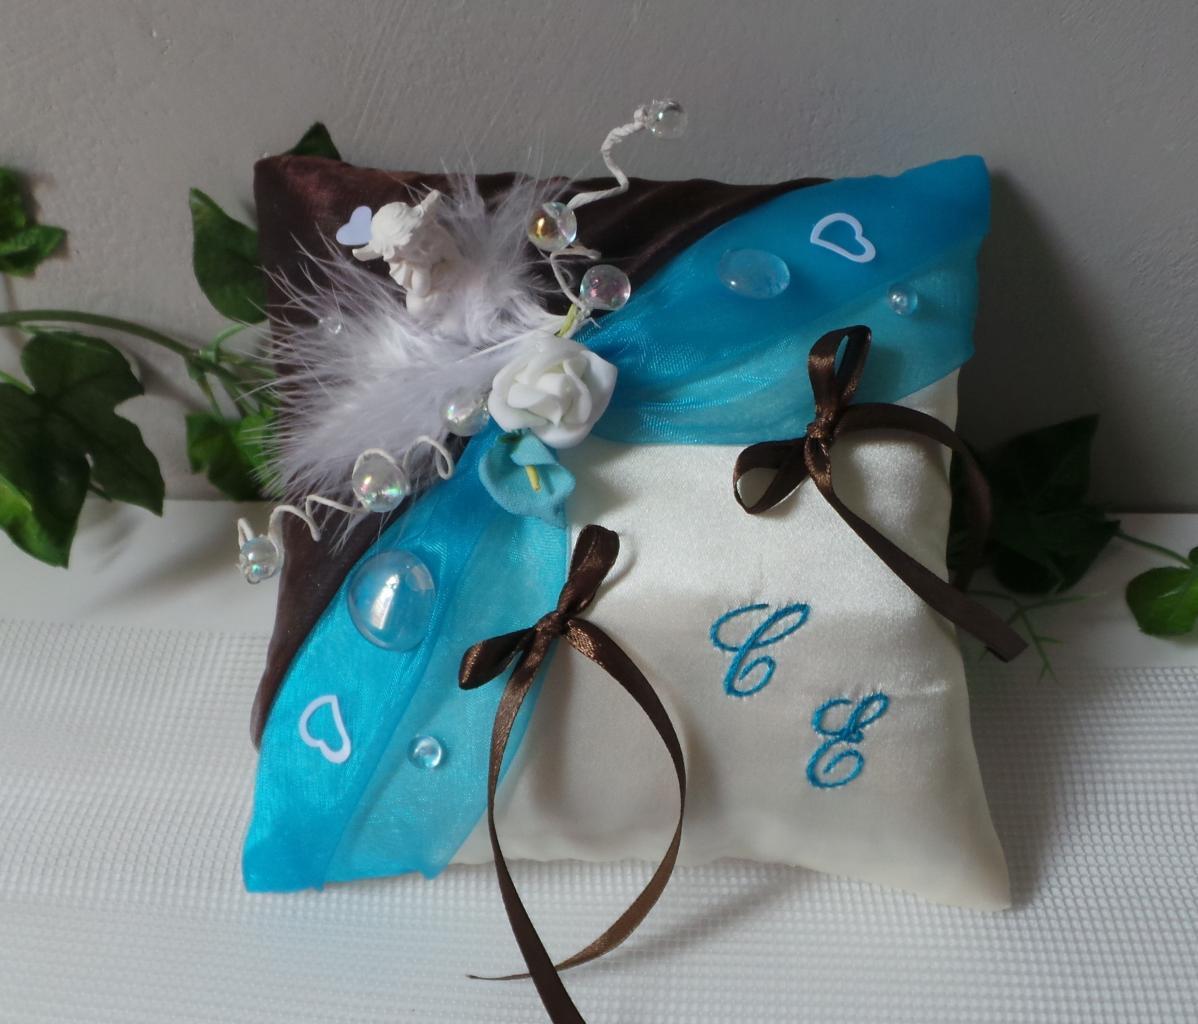 Coussin porte alliance chocolat turquoise, thème bulles et ange